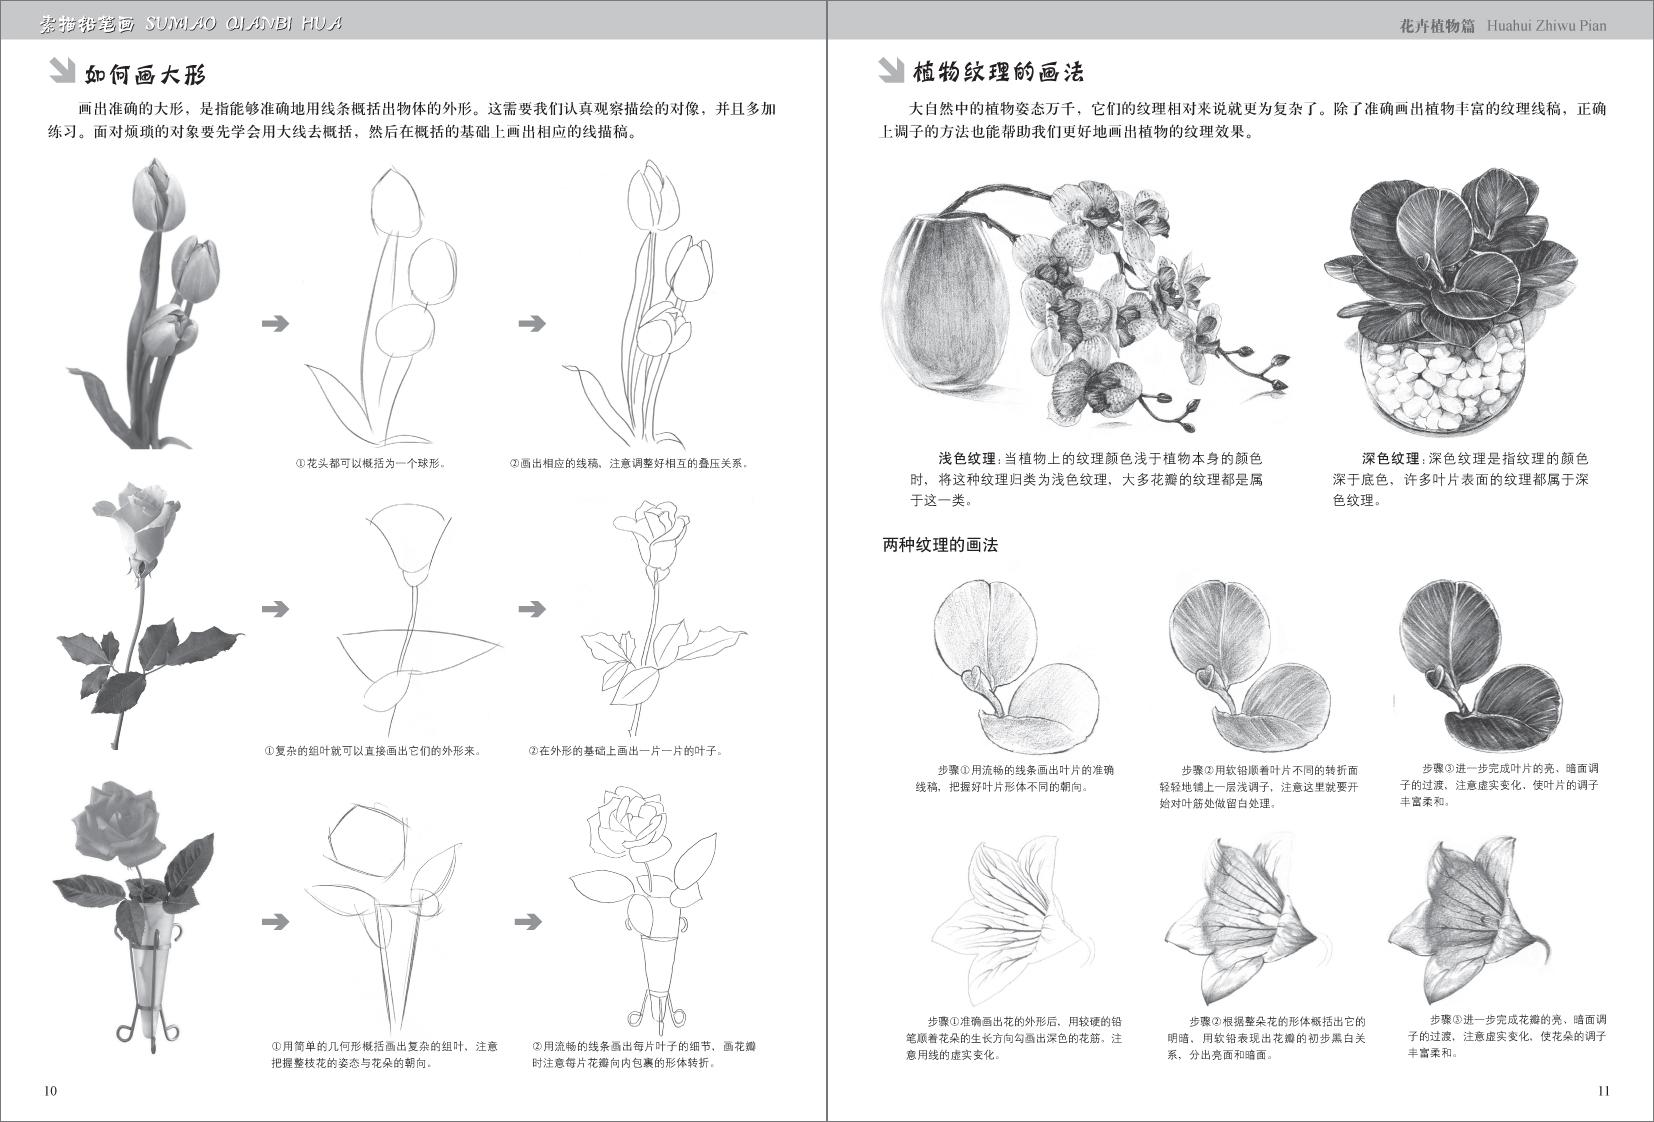 想要记录世间的美好并非只能用相机,一支笔,一张纸,便可以画出花花世界。本书收录了大量花卉植物案例,用明白流畅的语言将结构、明暗、透视、构图等技法一点点细细道来,帮助读者全面领悟铅笔素描的方法与技巧,即使零基础的读者也可以轻松上手。